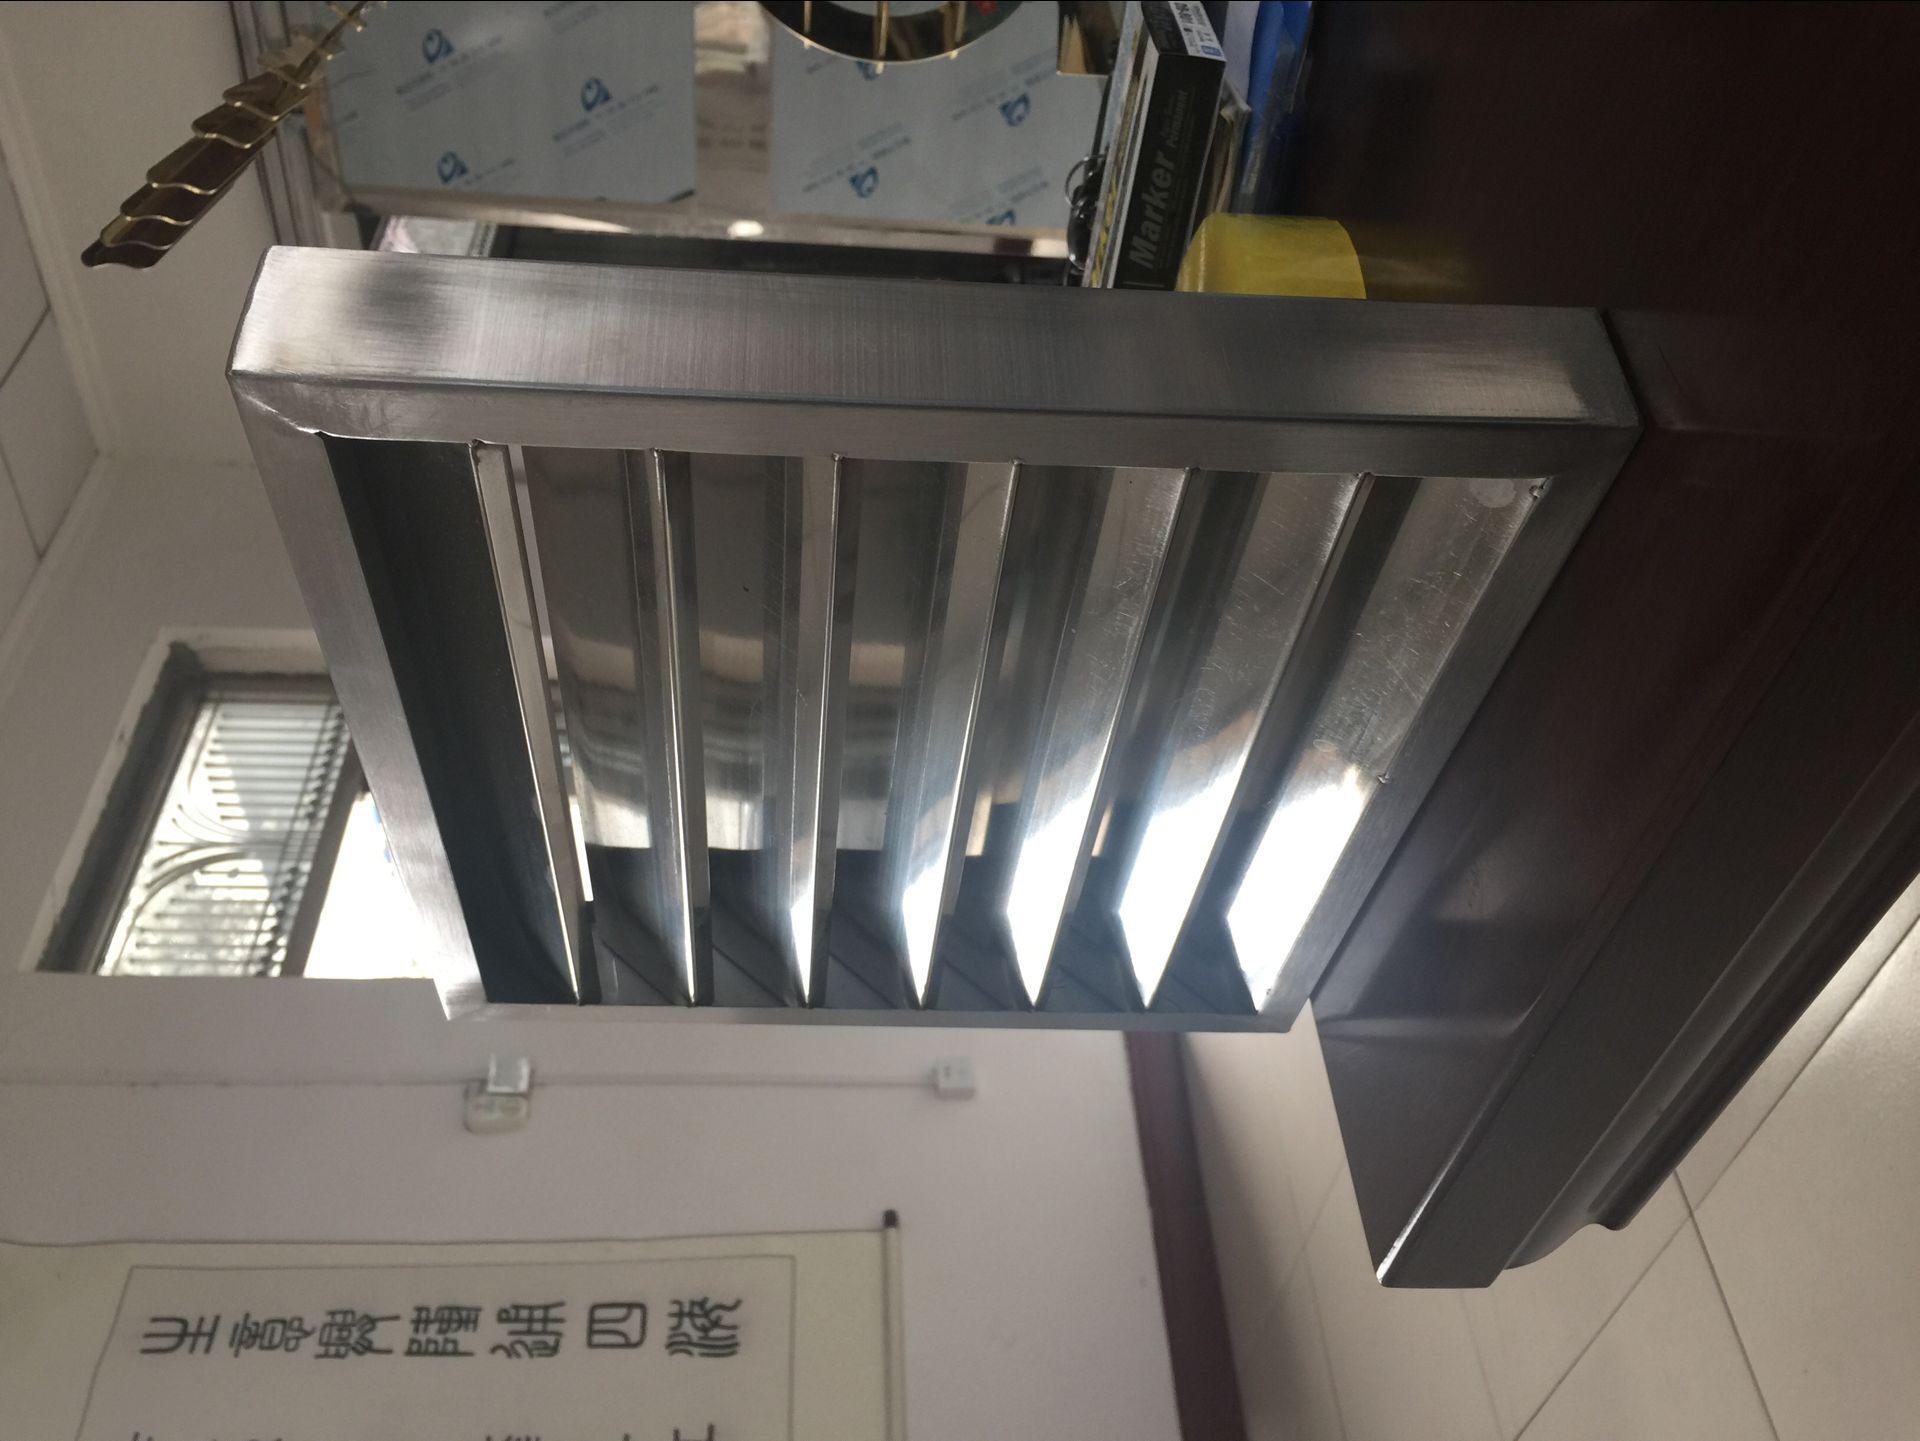 室防护窗套百叶窗铅防护罩换气扇通风口防射线排气扇 CT 医院放射科